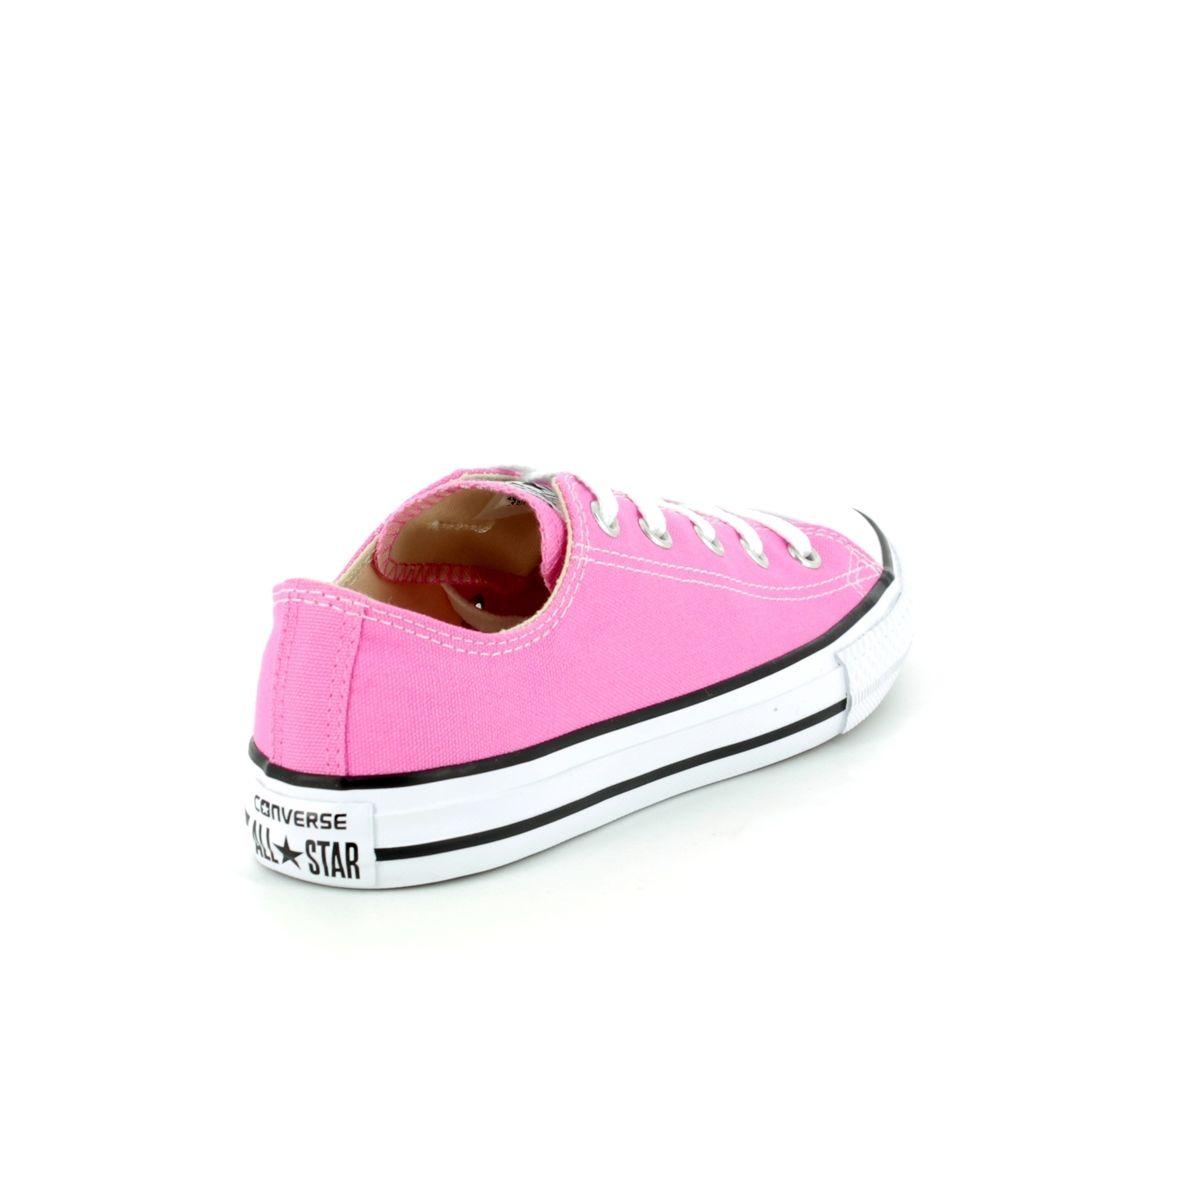 Converse All Star Ox Junior 3J238C Pink Girls Trainers 4e22f9f339db3